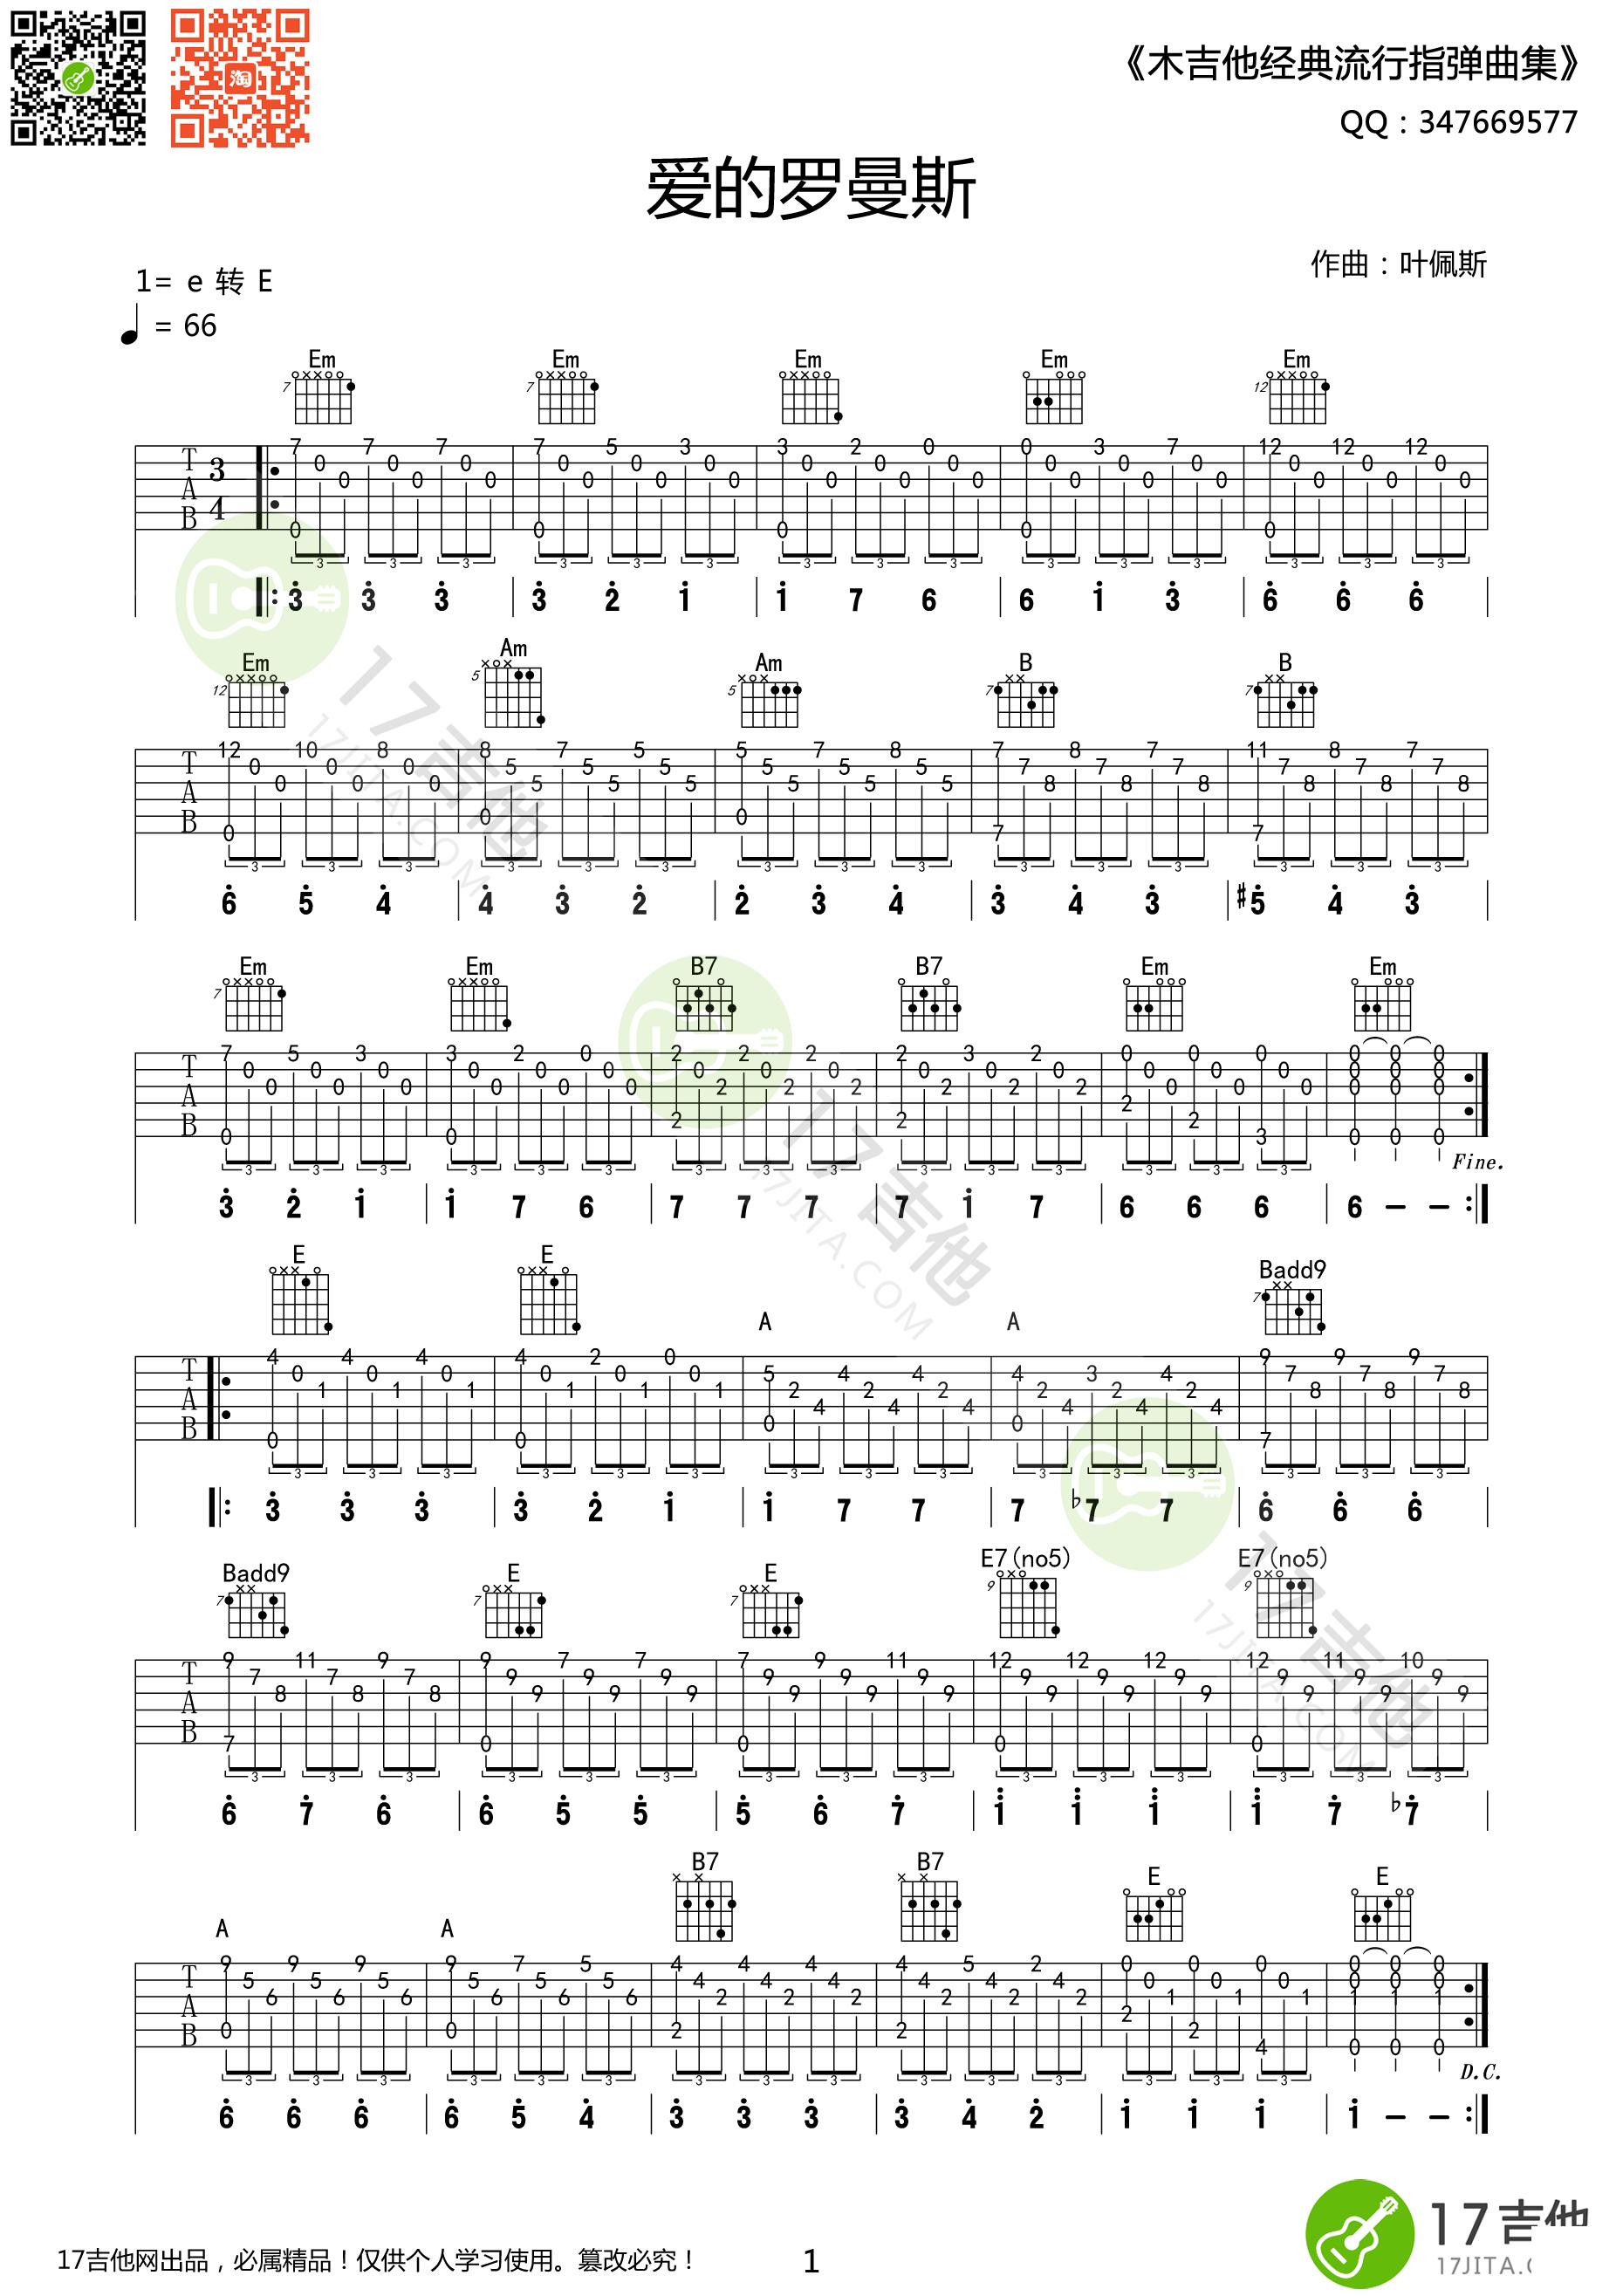 独奏曲爱的罗曼史吉他谱_高清吉他图片谱